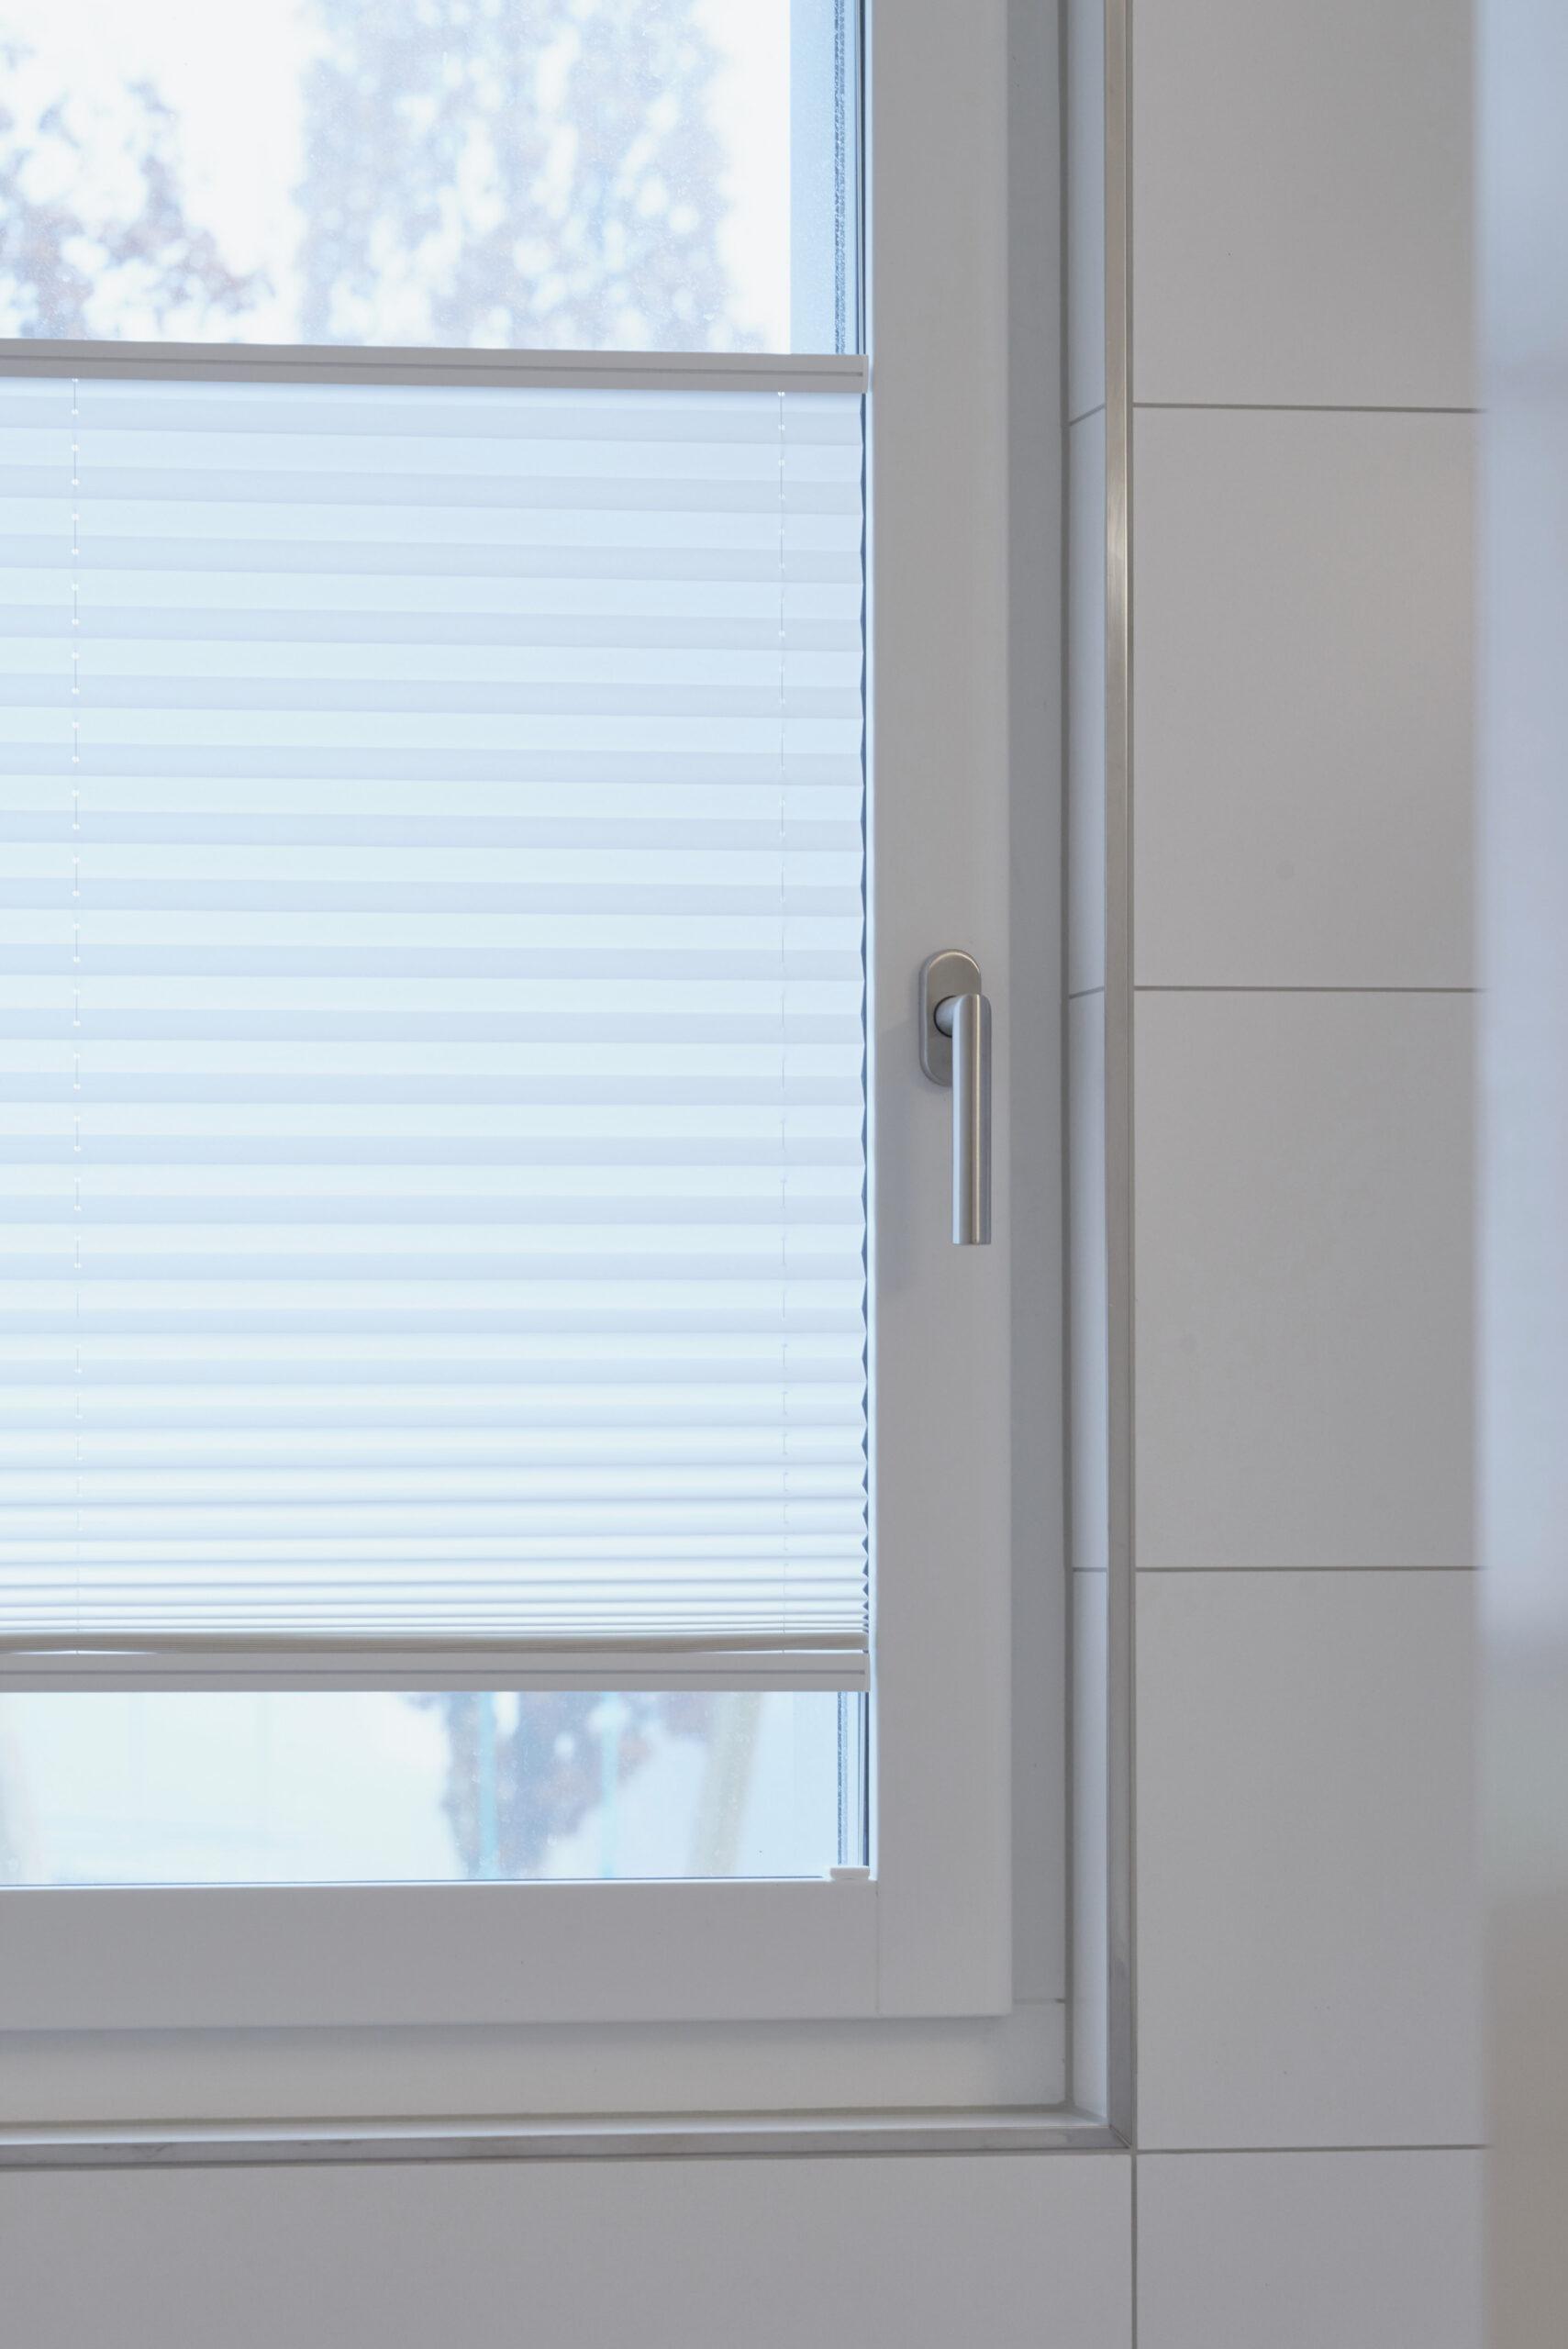 Sicht- und Sonnenschutz | Hirschi Schreinerei | Adligenswil